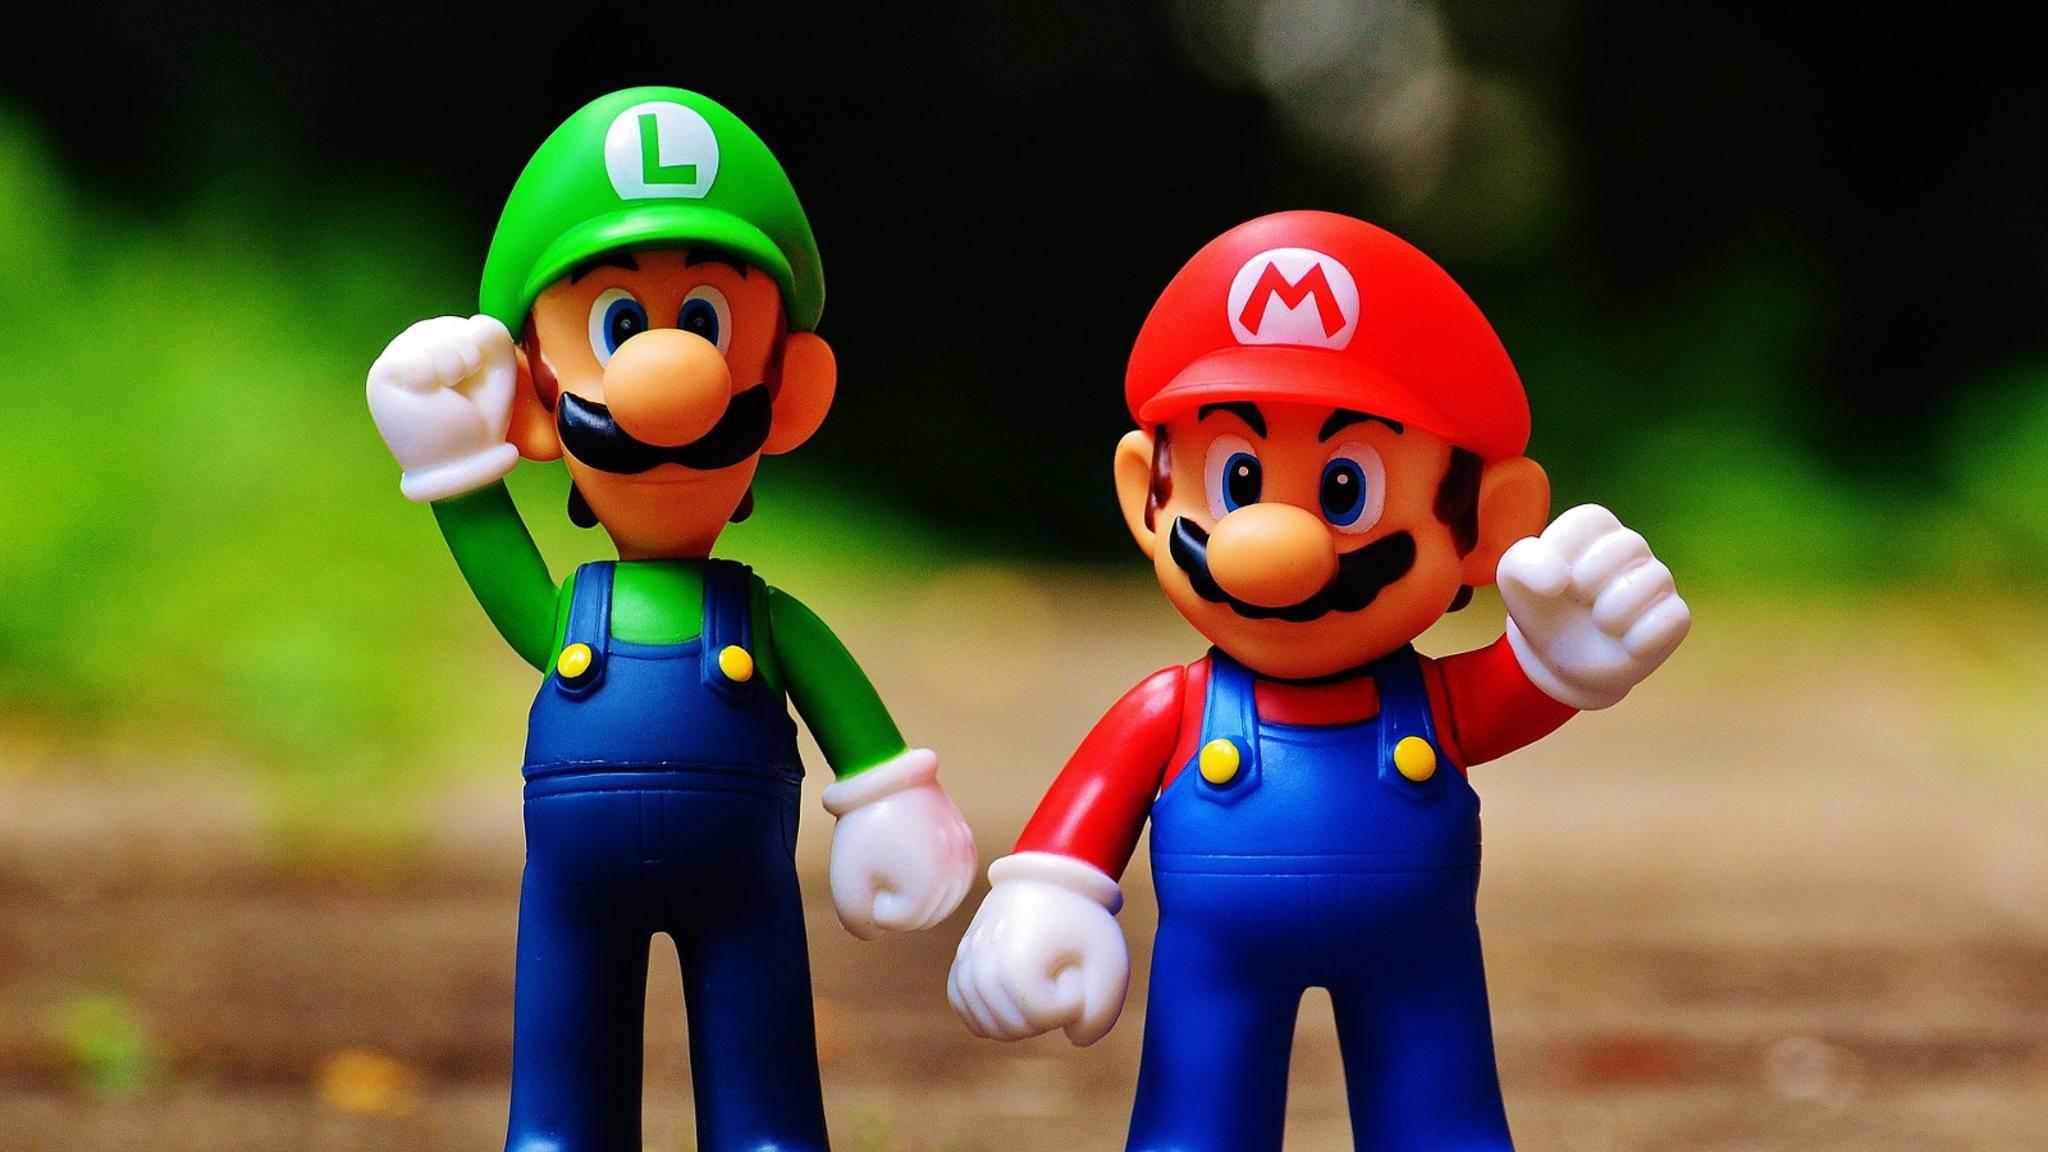 Wachsen Mario und Luigi bald Hasenohren?